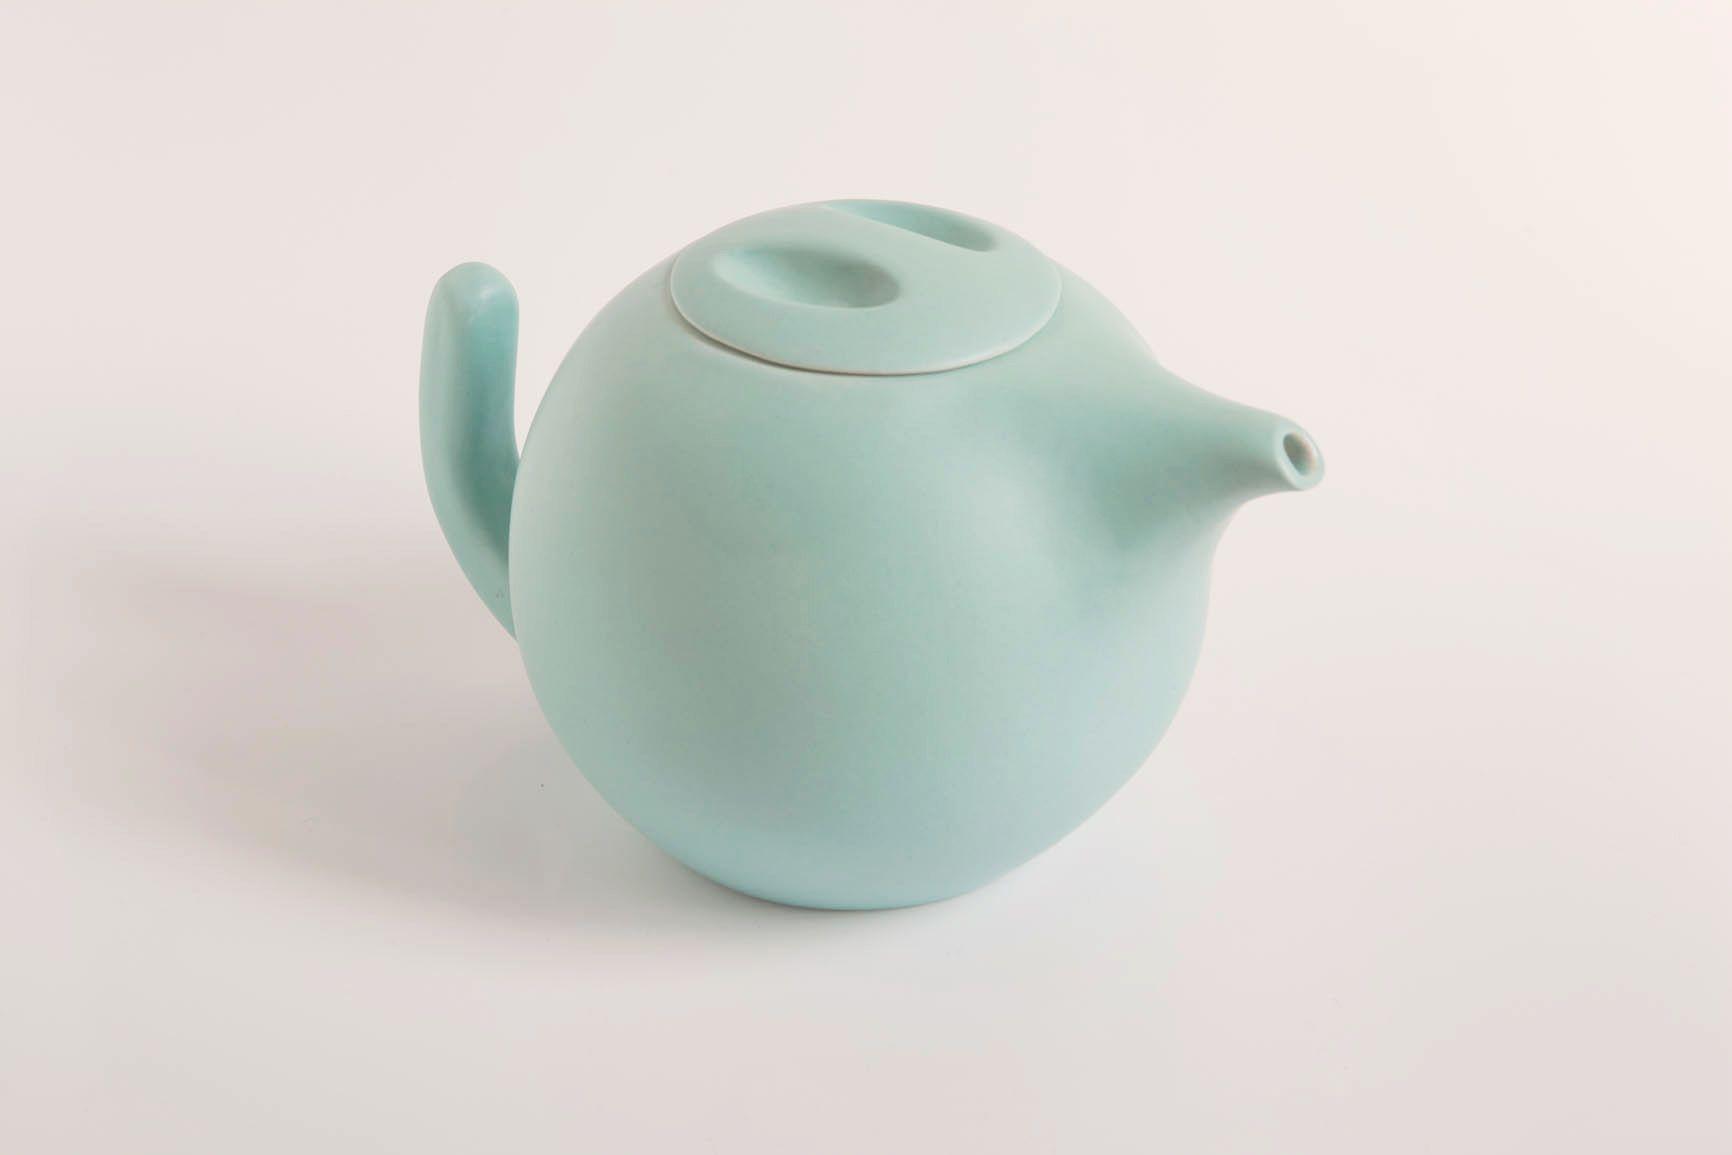 Ratona, tetera en color turquesa. Pretty teapot! www.tanata.es